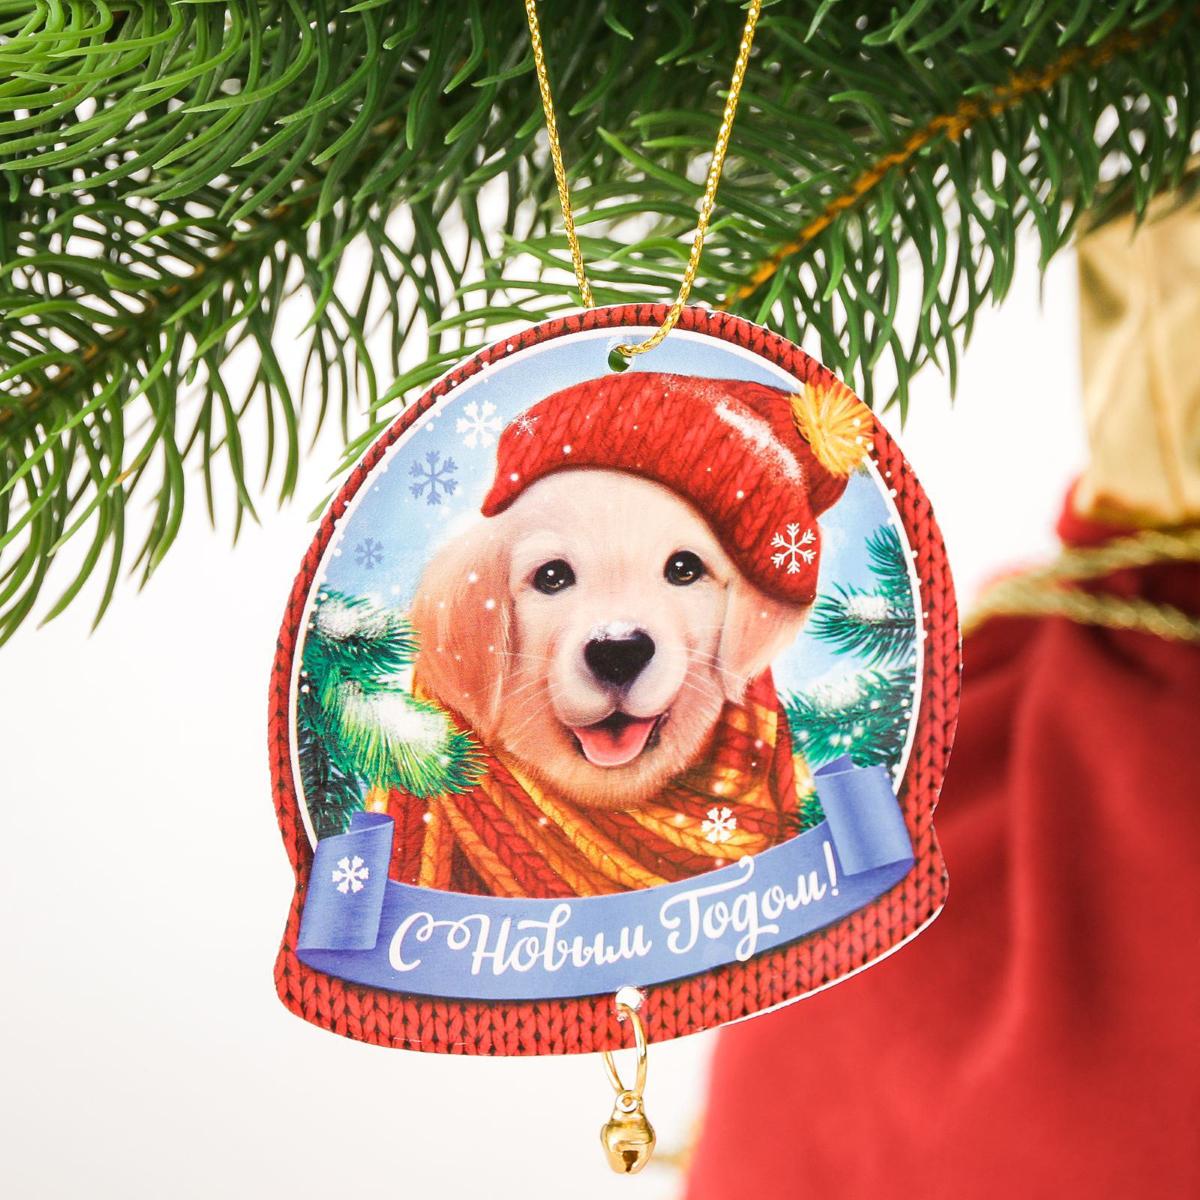 Подвеска на елку С Новым годом, с колокольчиком, 7,4 х 7,5 см2239823Подвеска на елку С Новым годом выполнена из картона в форме шарика и декорирована колокольчиком.Как приятно преображать жилище в предвкушении Нового года и Рождества! На вашей новогодней елке обязательно найдется место для этой яркой подвески с бубенчиком. Легкие бумажные украшения не разобьются и будут долгие годы радовать вас оригинальным дизайном.